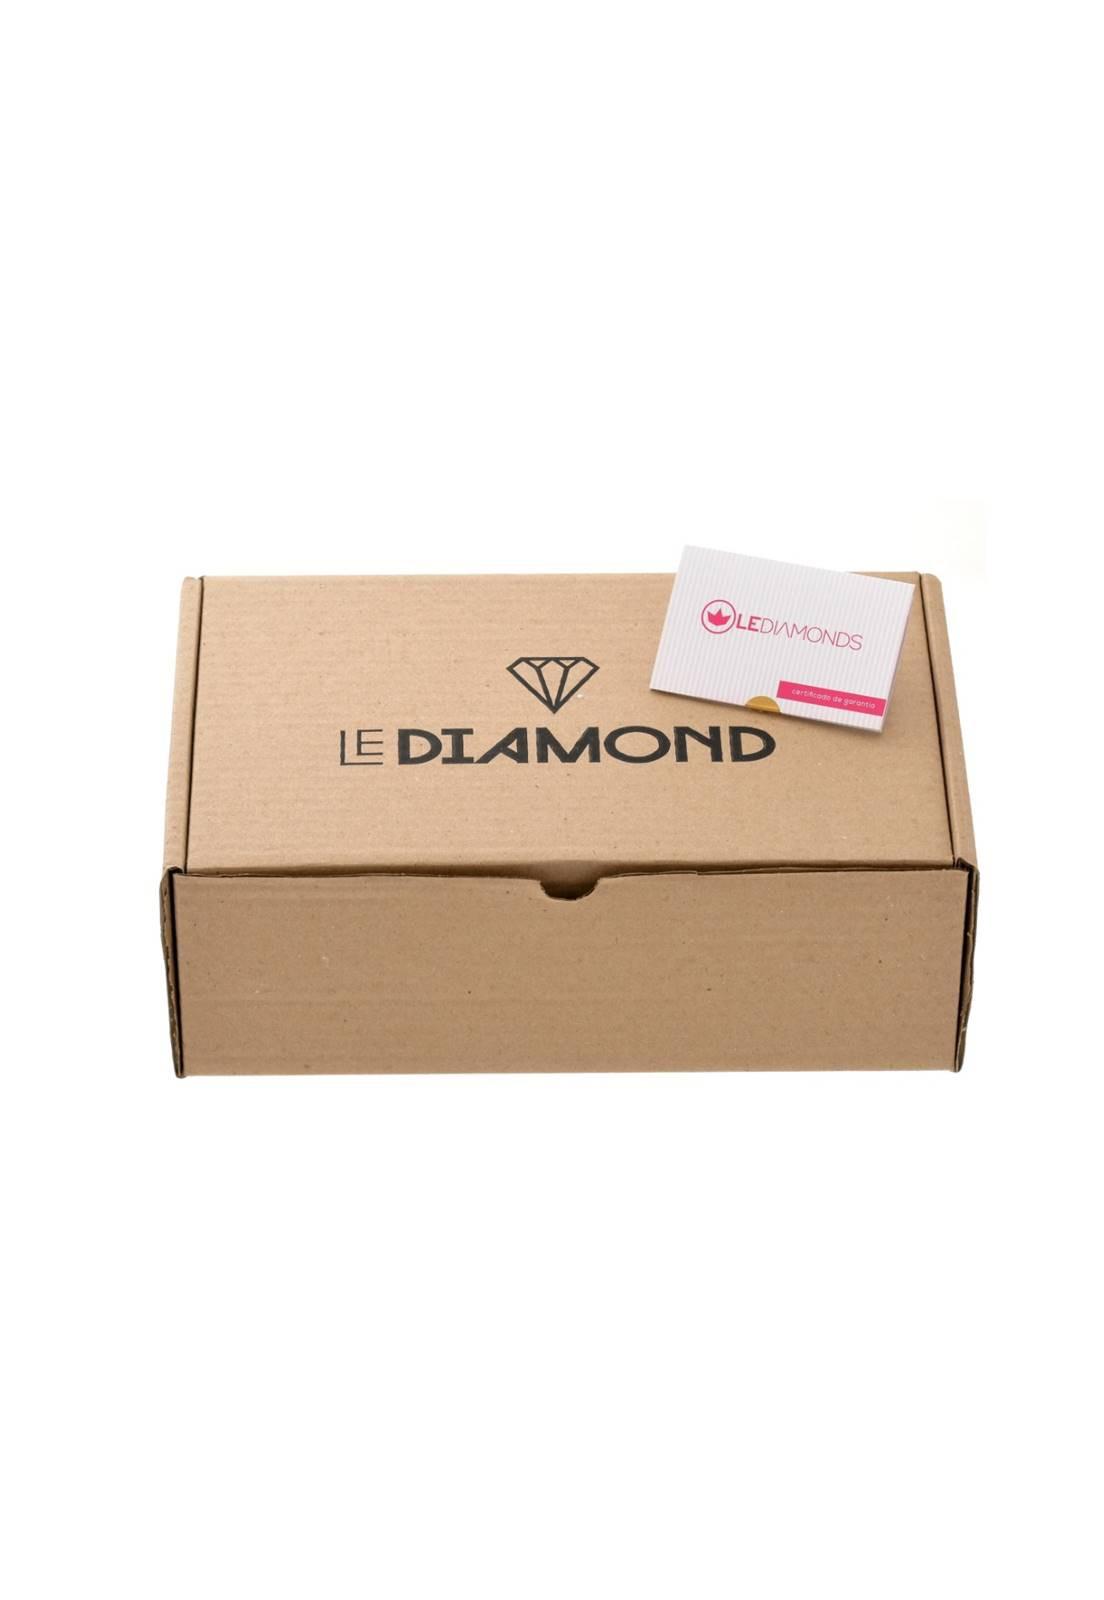 Brinco Le Diamond Mini Cordão com Ponto de Luz